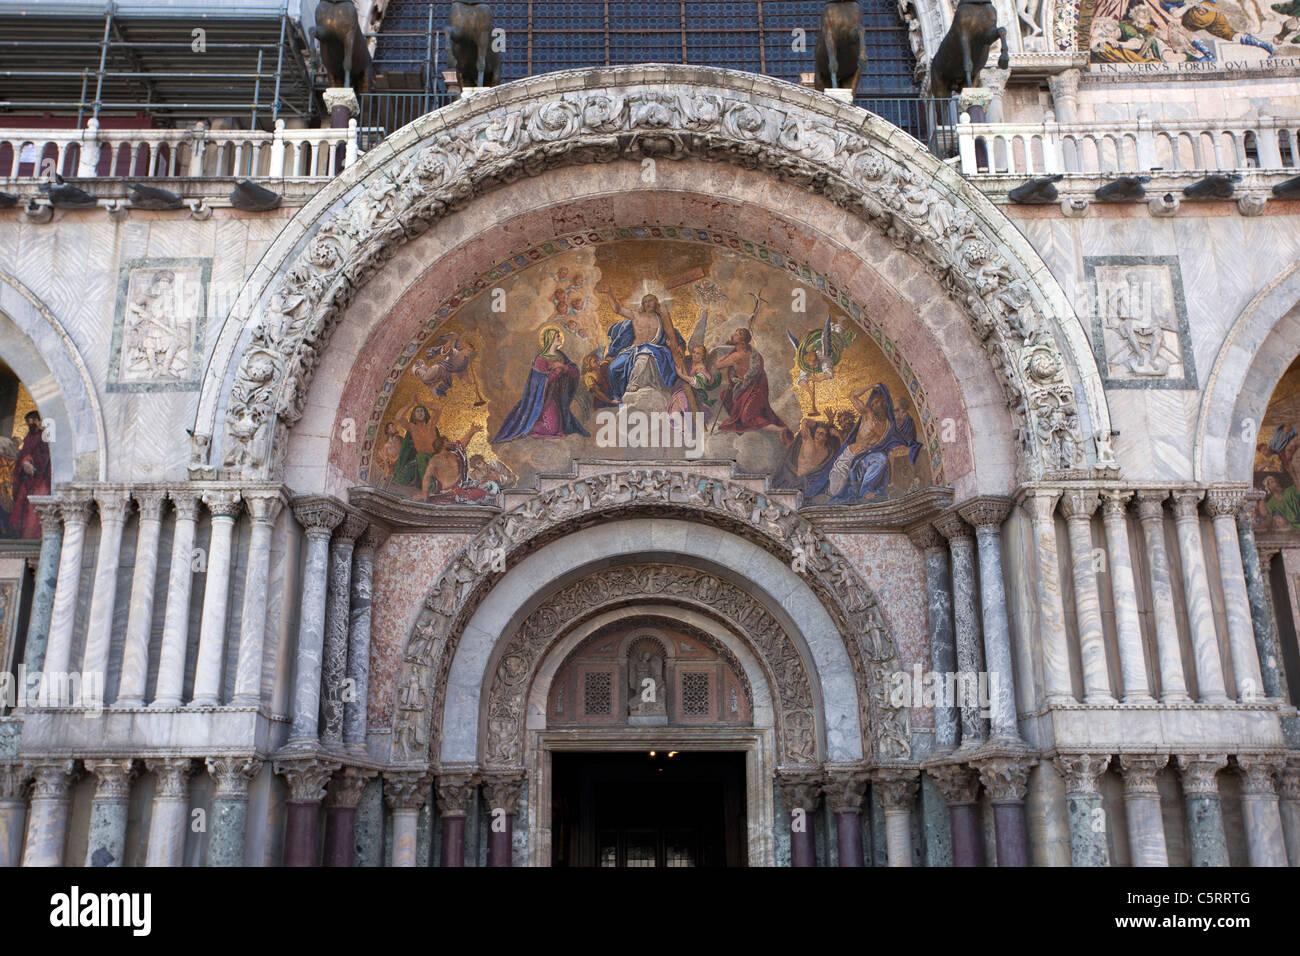 Arqueado, fresco mural pintado en la entrada a la Catedral de San ...